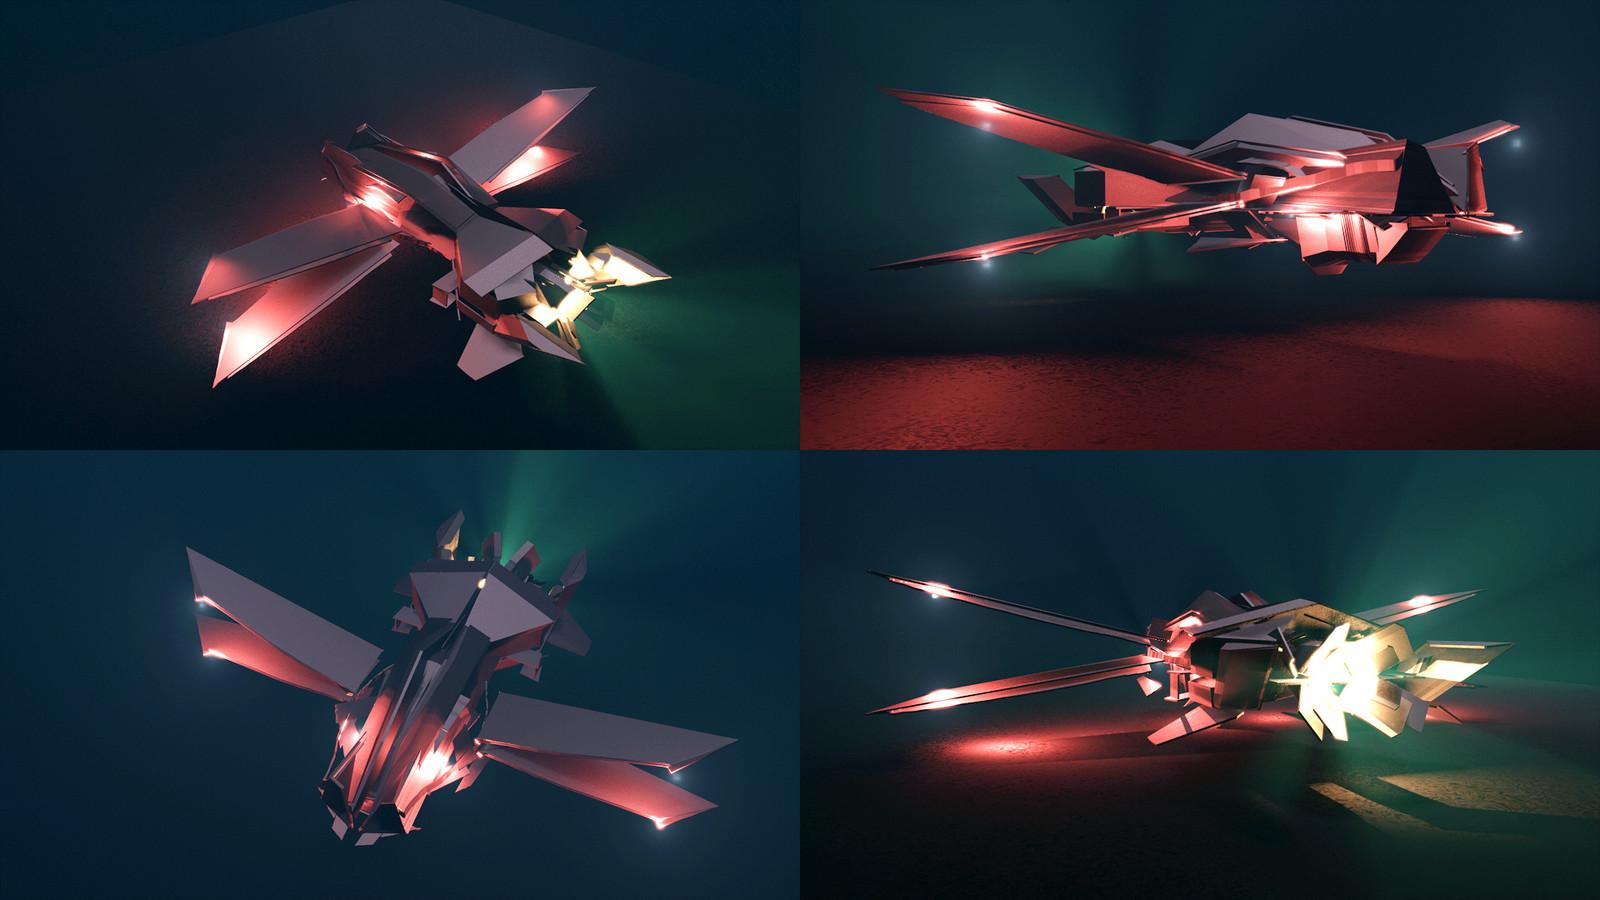 Weird spaceship/plane hybrid